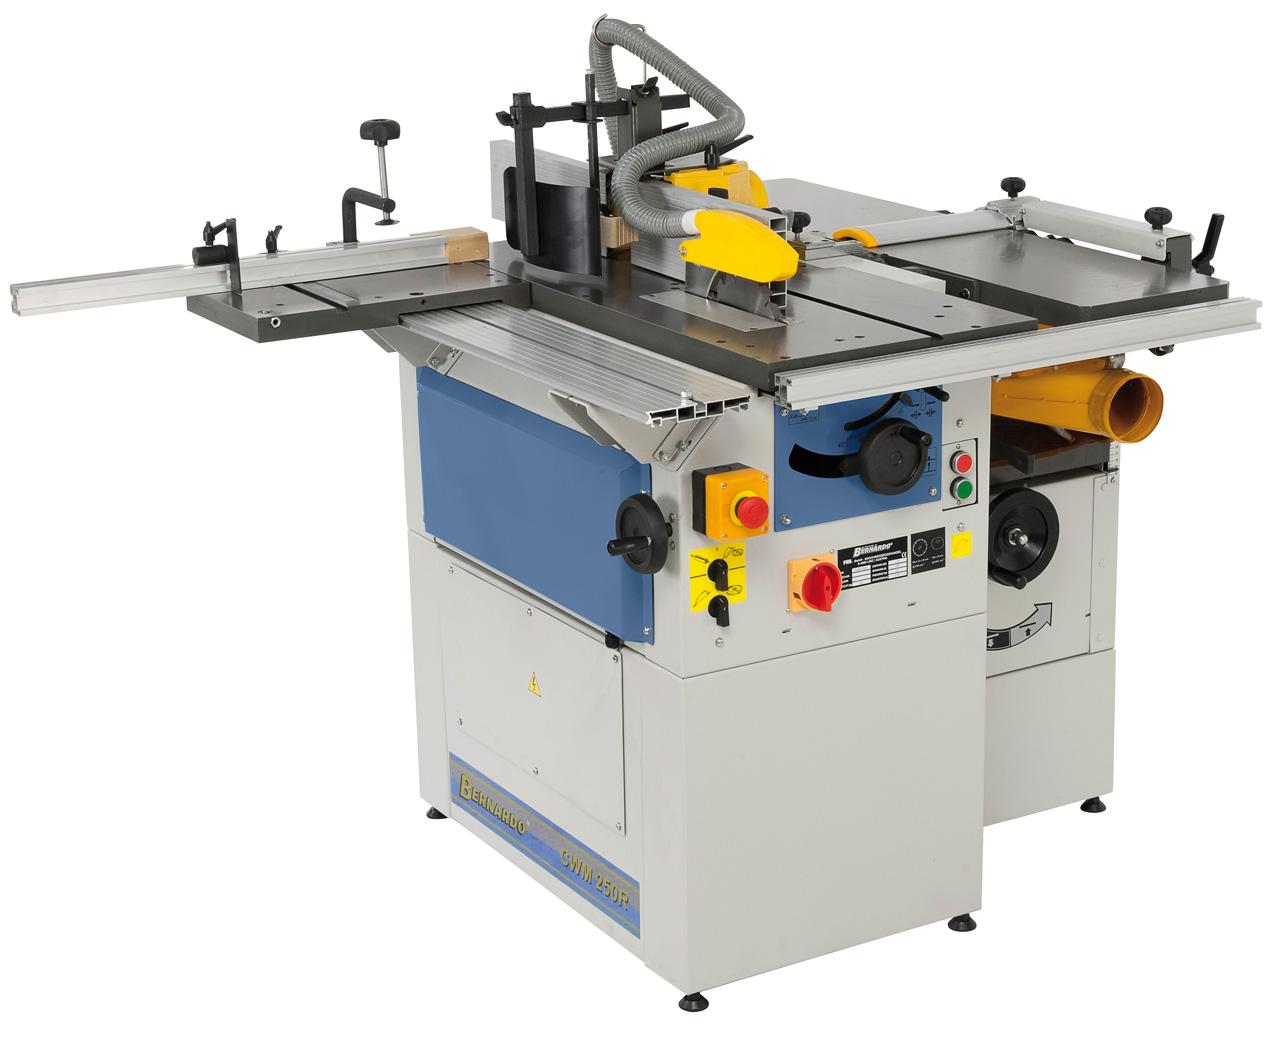 Uniwersalna maszyna wieloczynnościowa CWM 250 R - 230 V * BERNARDO